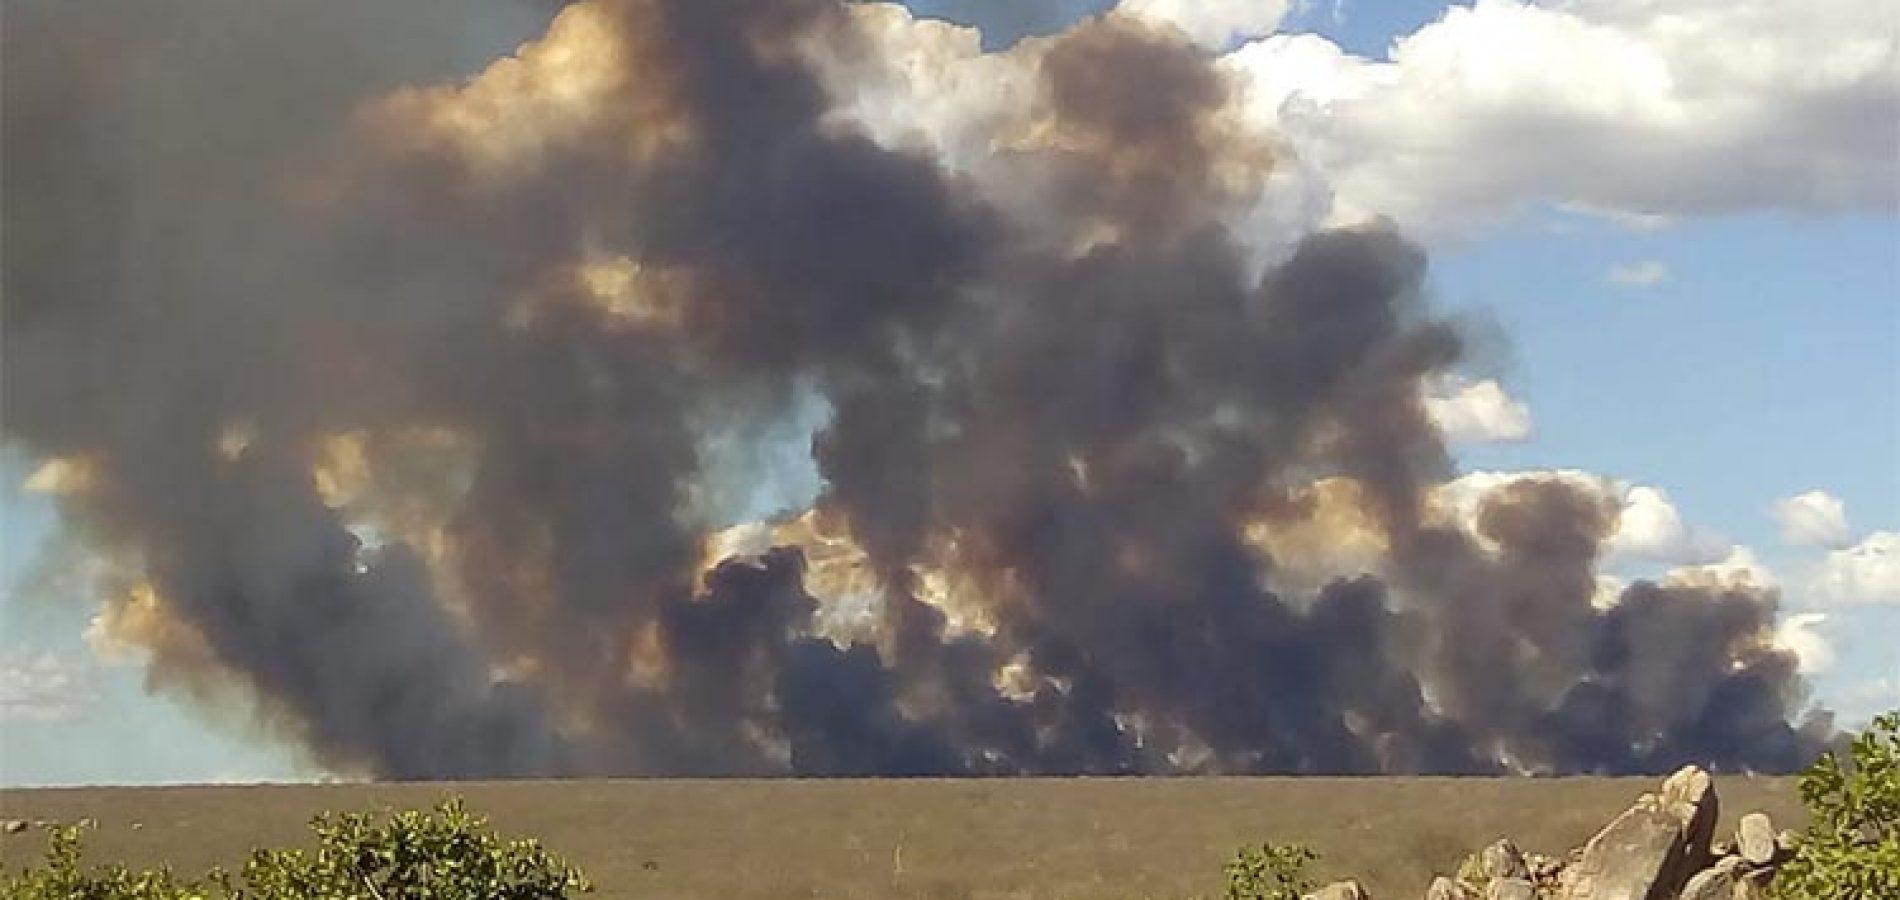 B-R-O BRÓ começa e 3 mil focos de incêndio são registrados em quatro dias